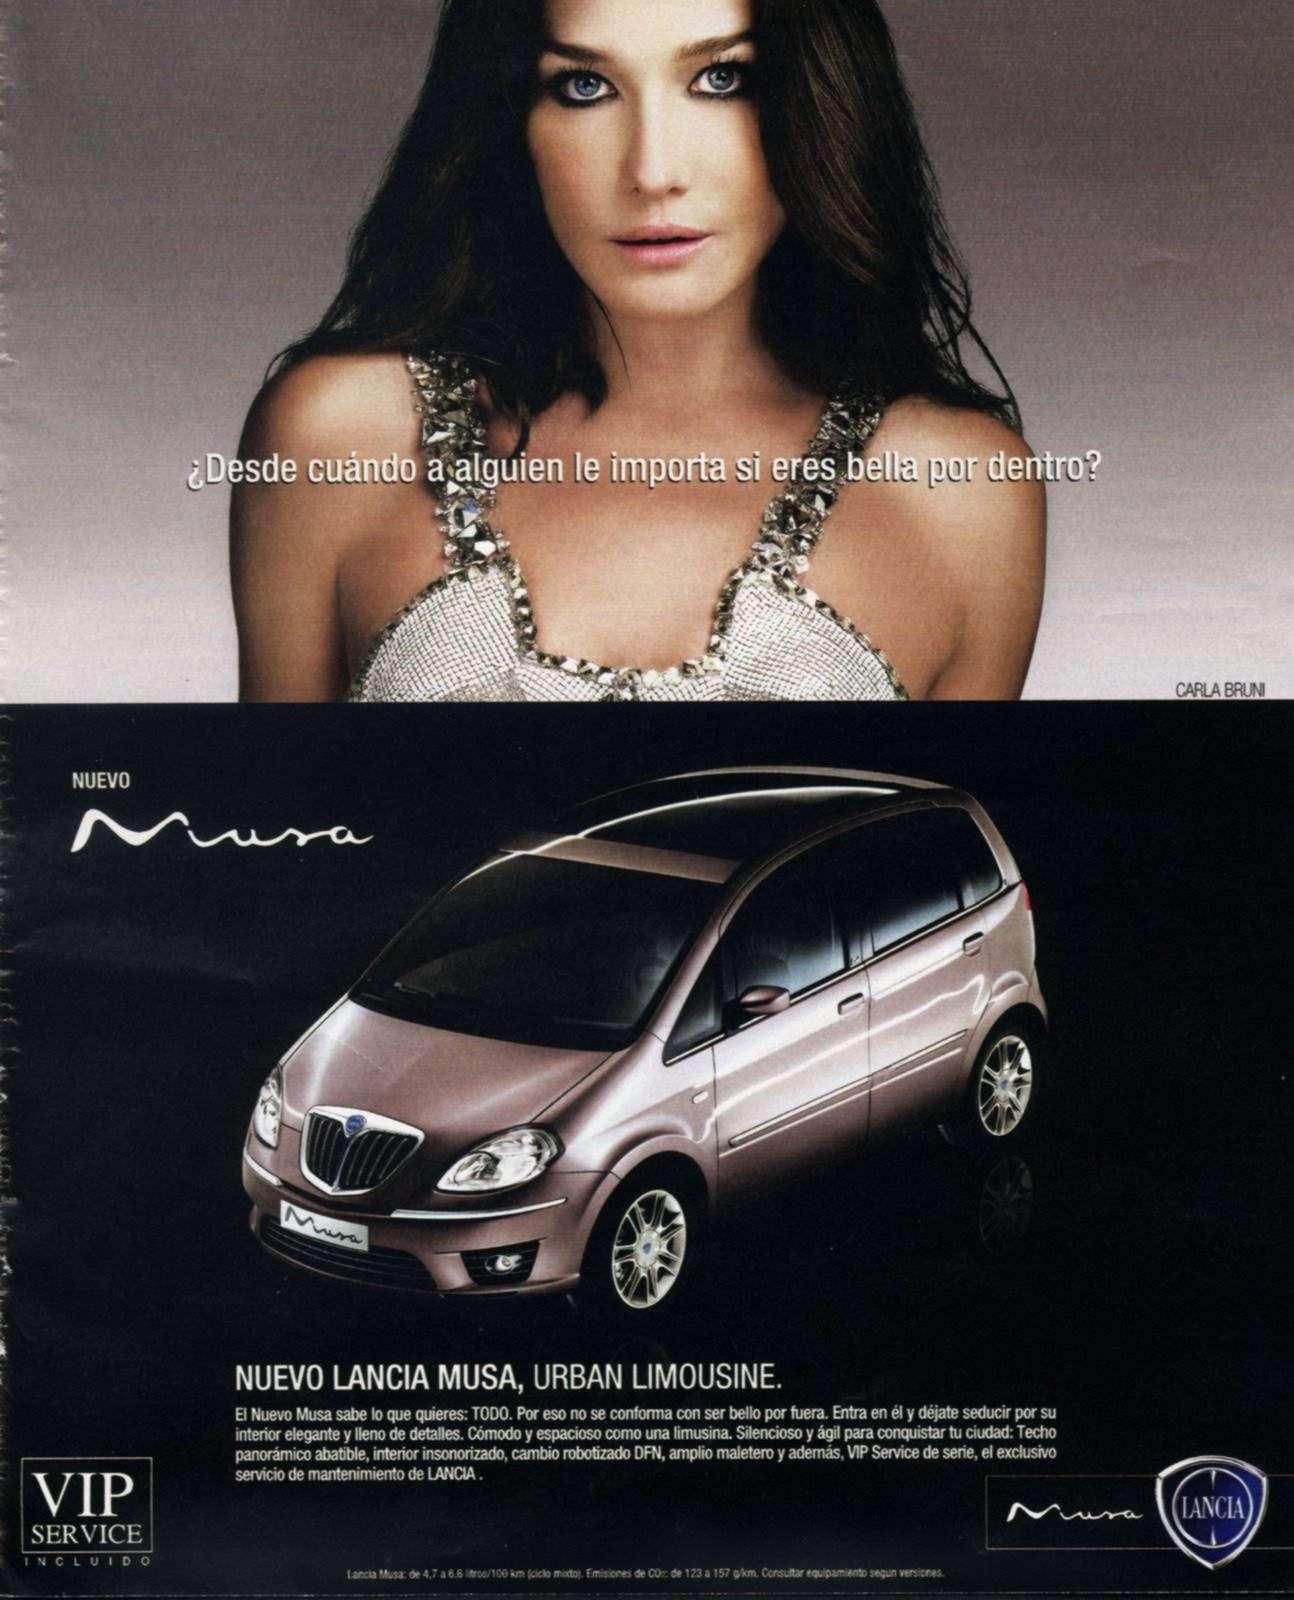 Anunci de la marca de cotxes Lancia, que fa servir una imatge de la model i cantant Carla Bruni per destacar la bellesa exterior del vehicle / Lancia